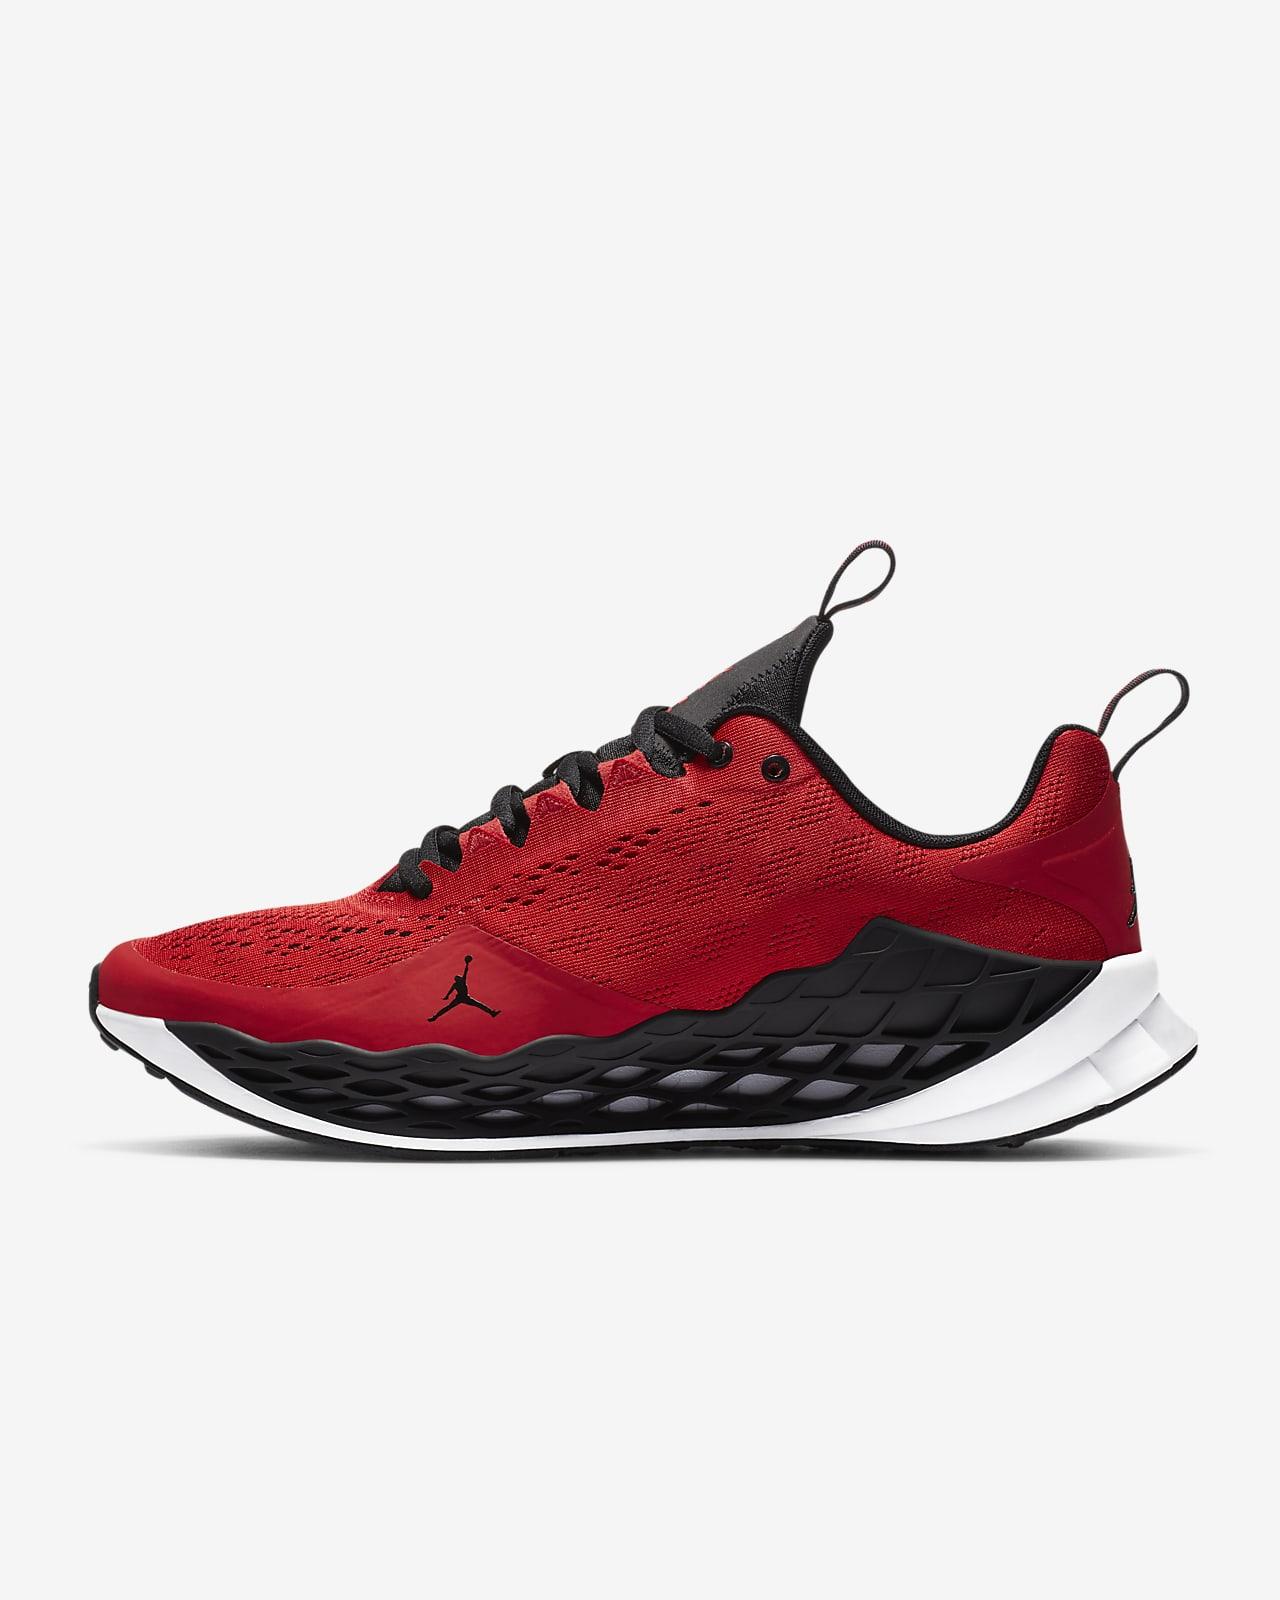 Jordan Zoom Trunner Advance Training Shoe